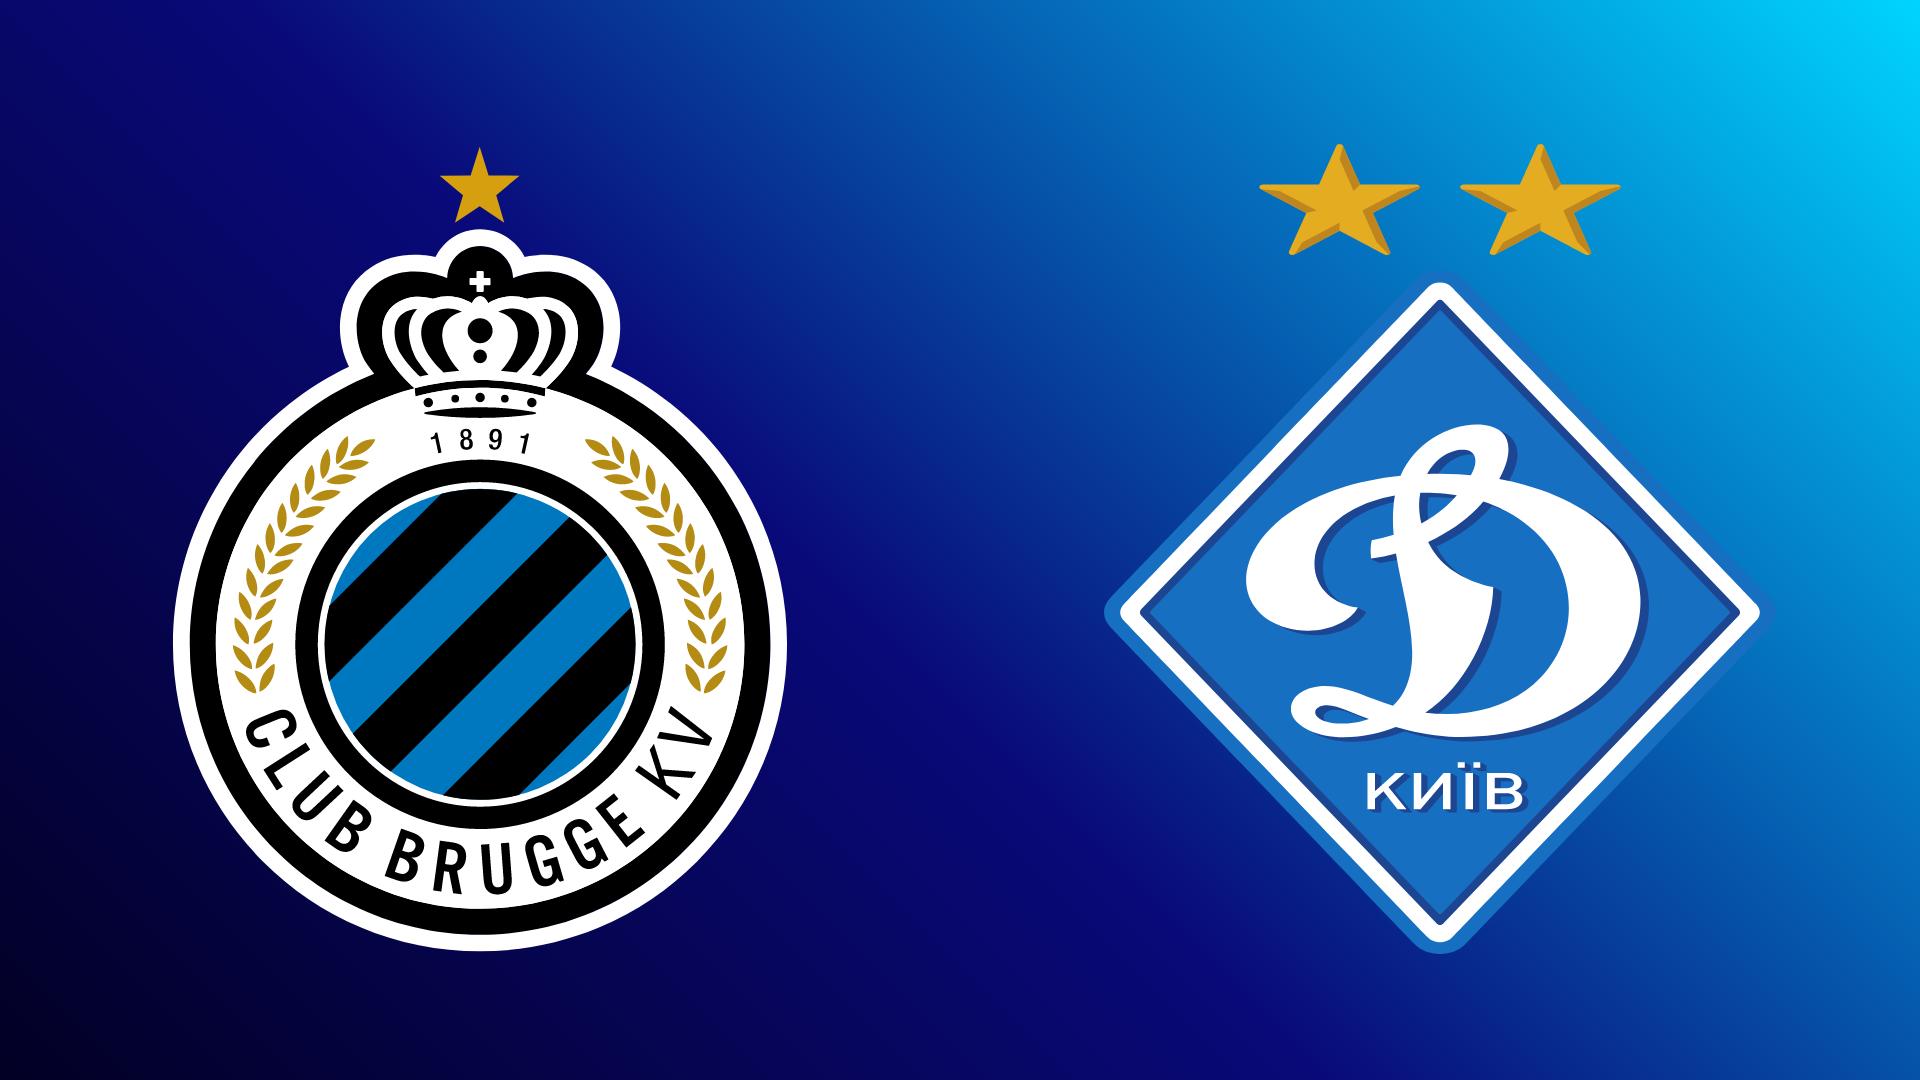 FC Brügge - Dynamo Kiew 25.02.2021 um 21:00 Uhr auf DAZN